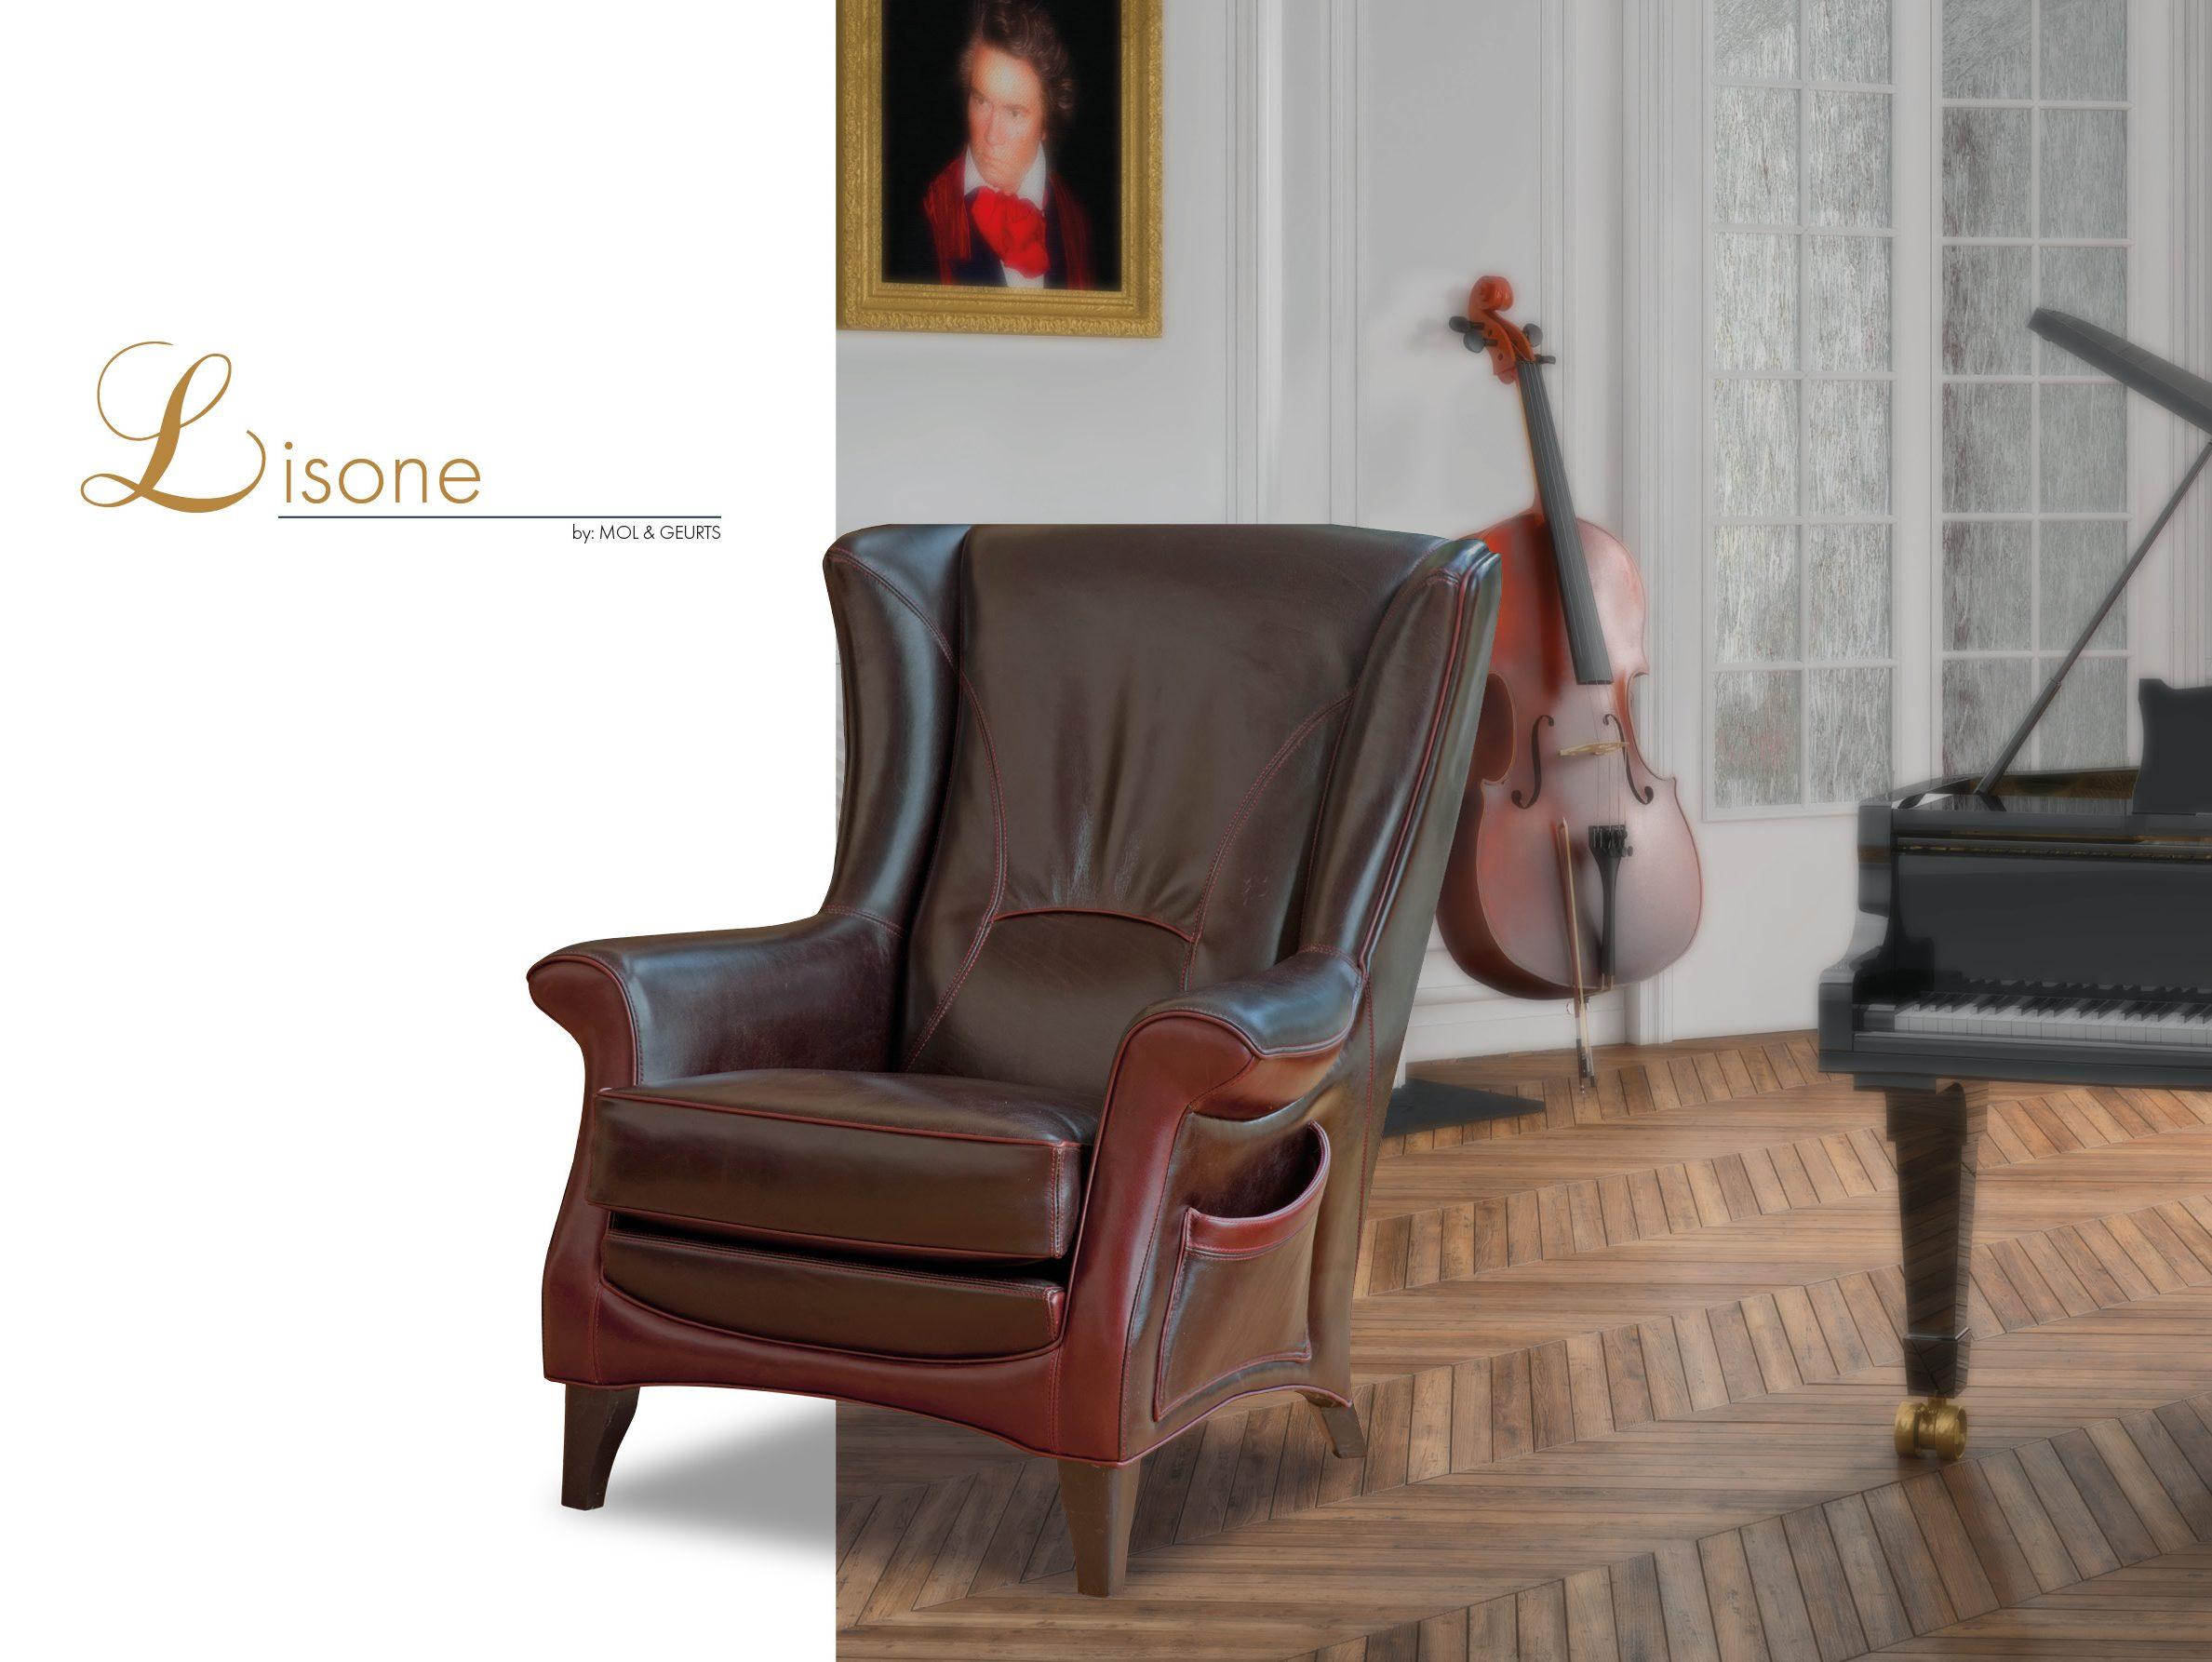 Klassiek leren zitmeubels - Mol & Geurts